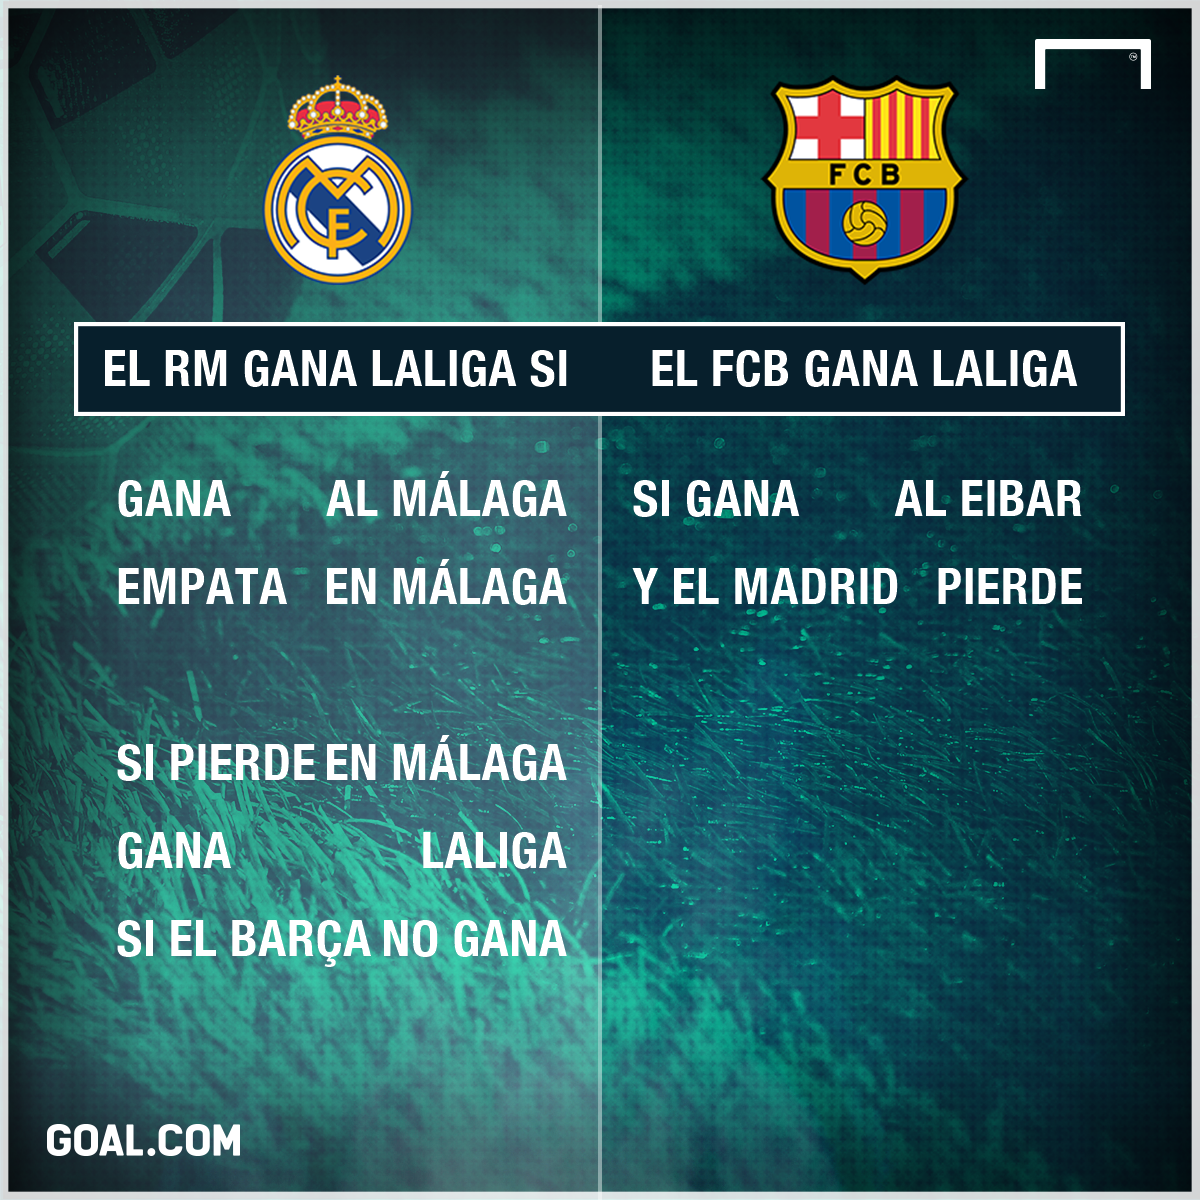 Real Madrid es Campeón de España